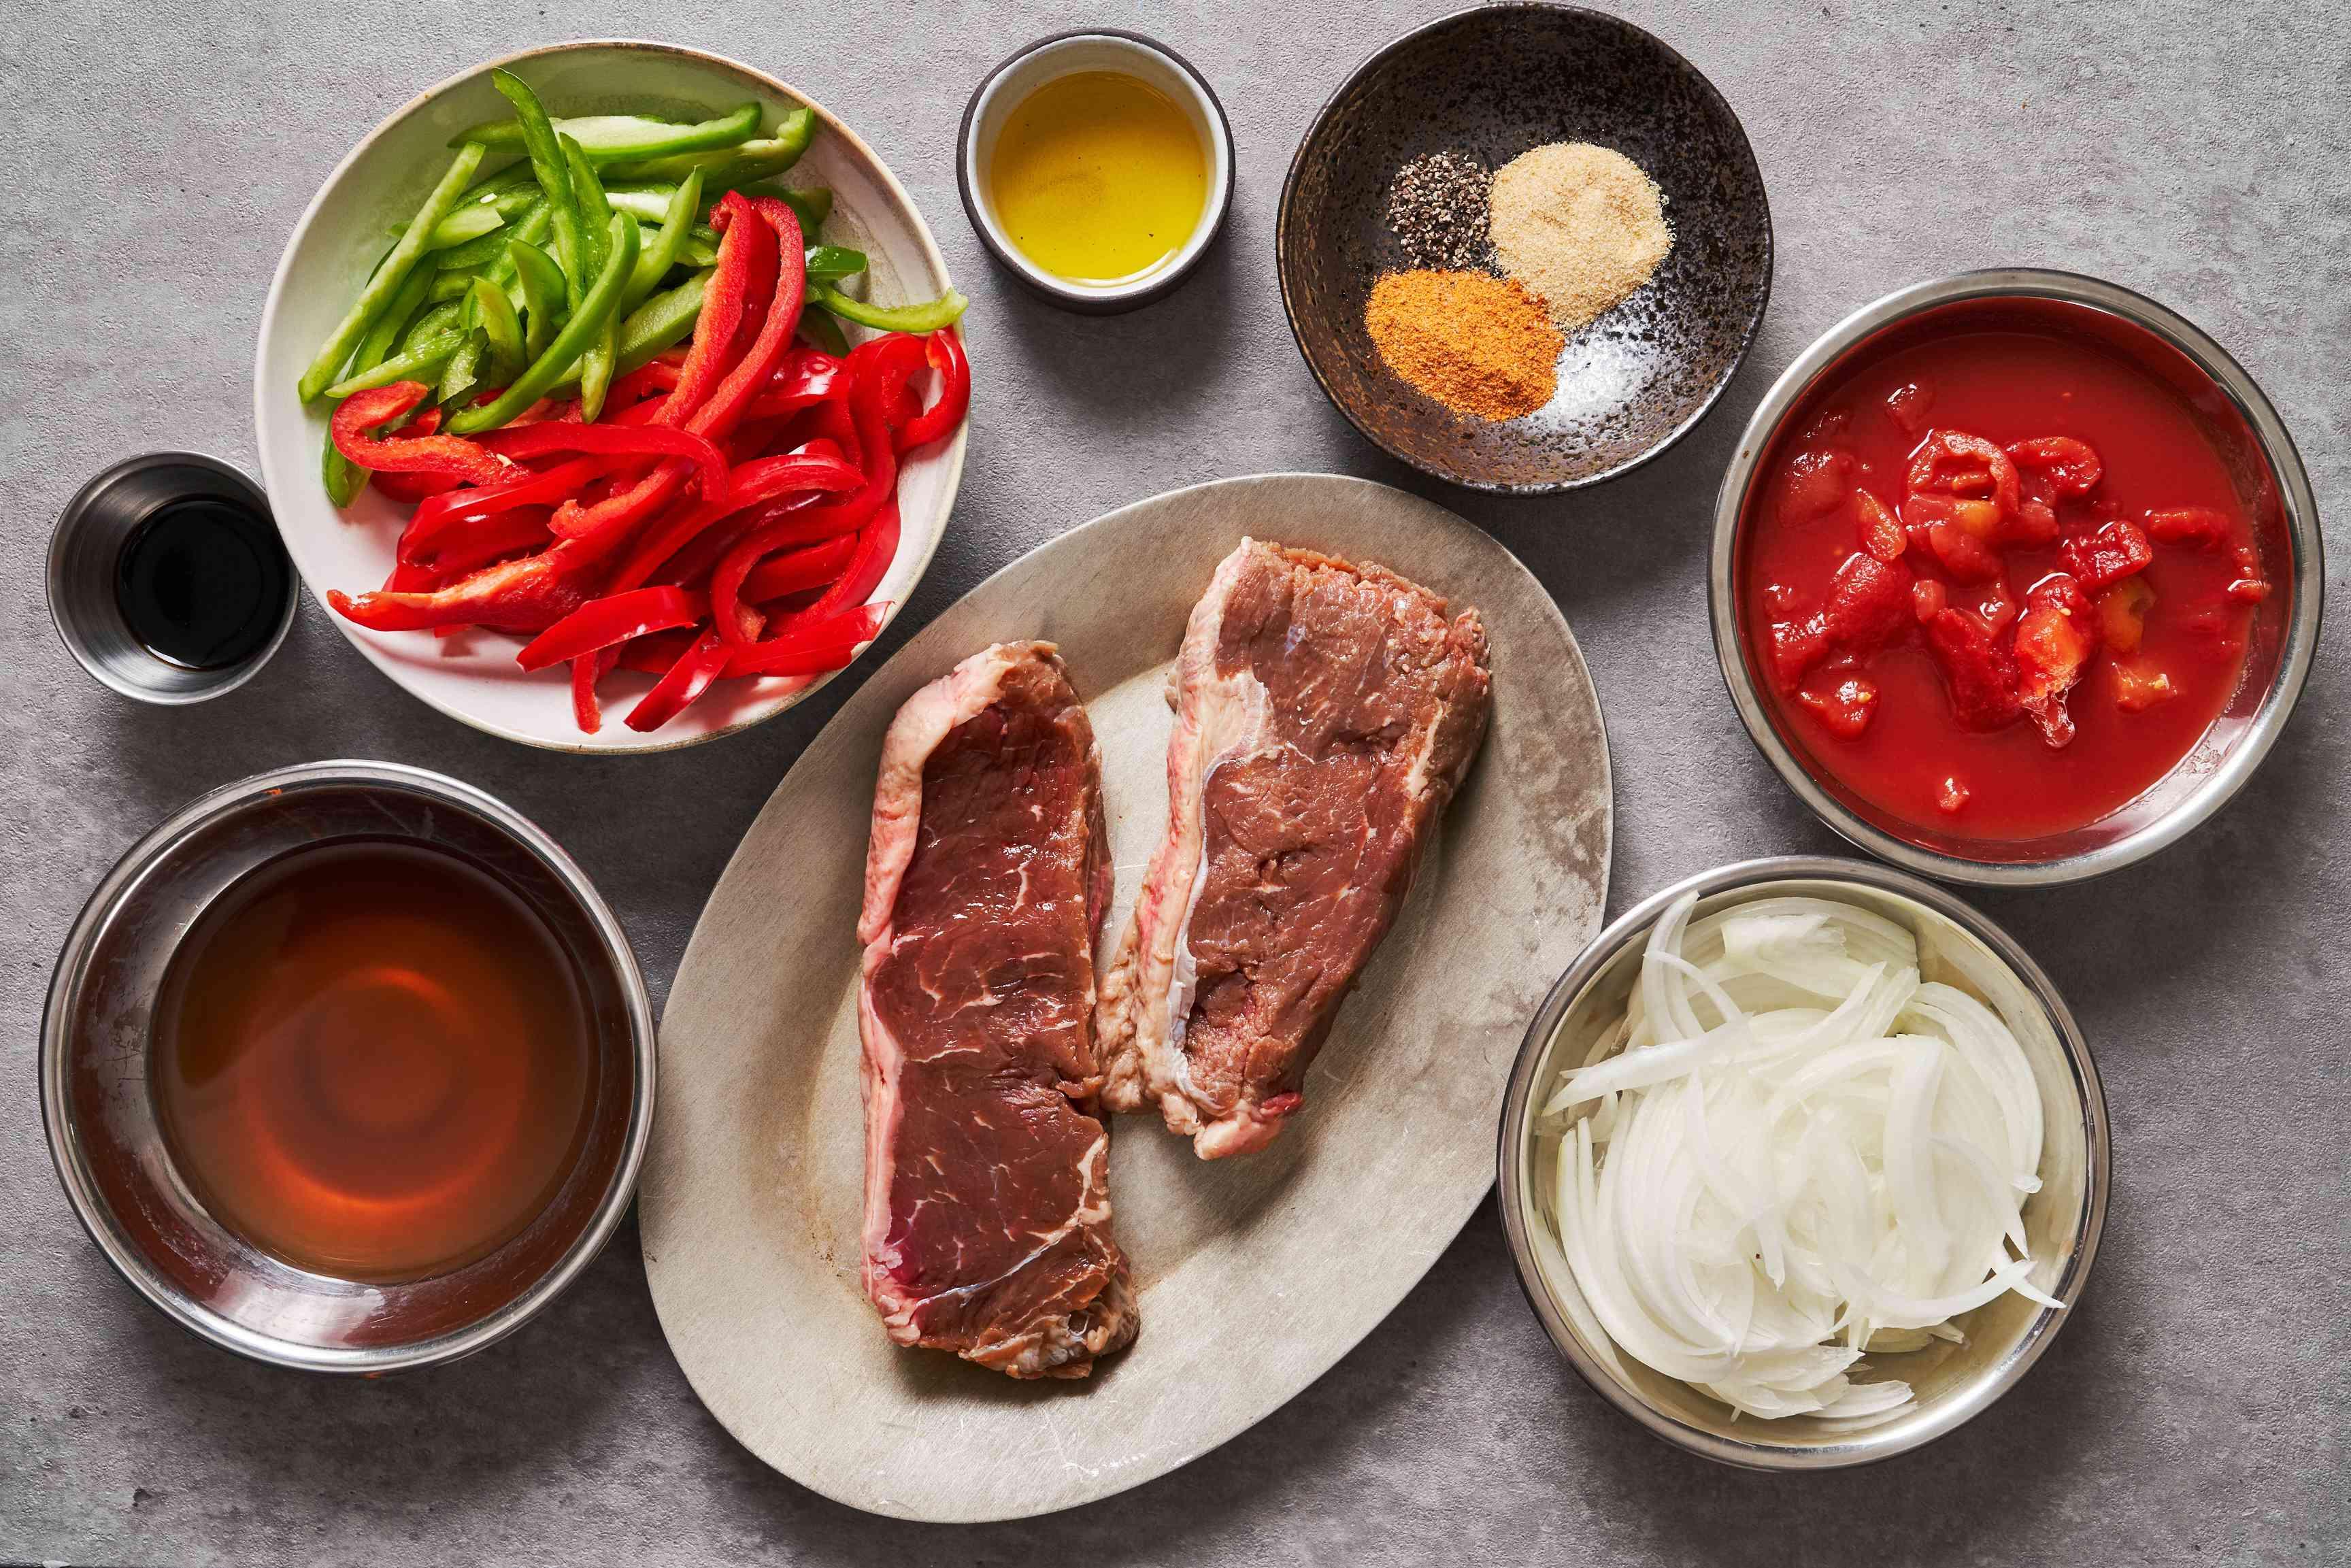 Easy skillet steak and rice ingredients